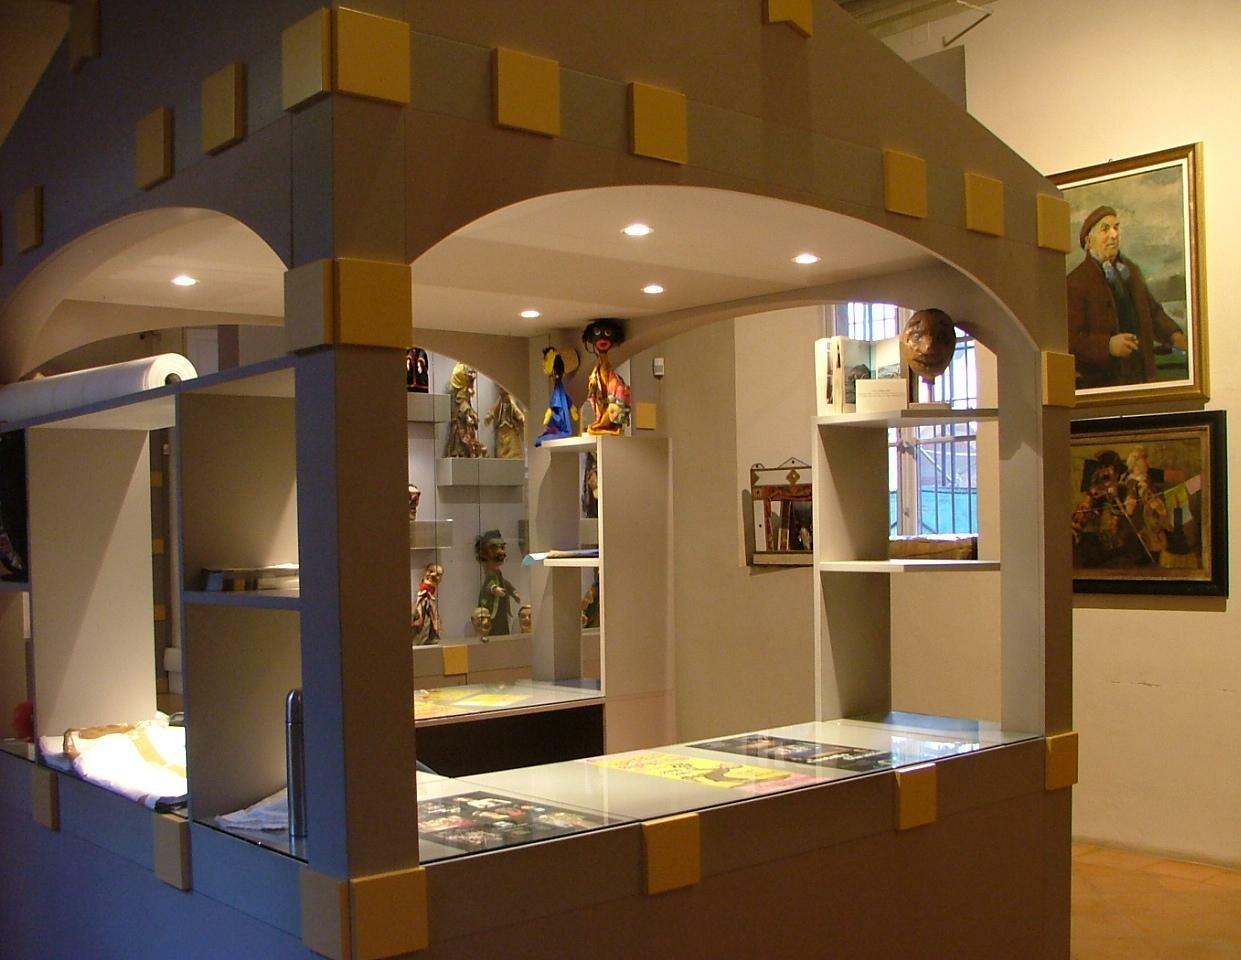 Weekend ai Musei Civici Sabato 31 ottobre e domenica 1 novembre nuovi appuntamenti gratuiti per scoprire il patrimonio dei musei civici di Parma